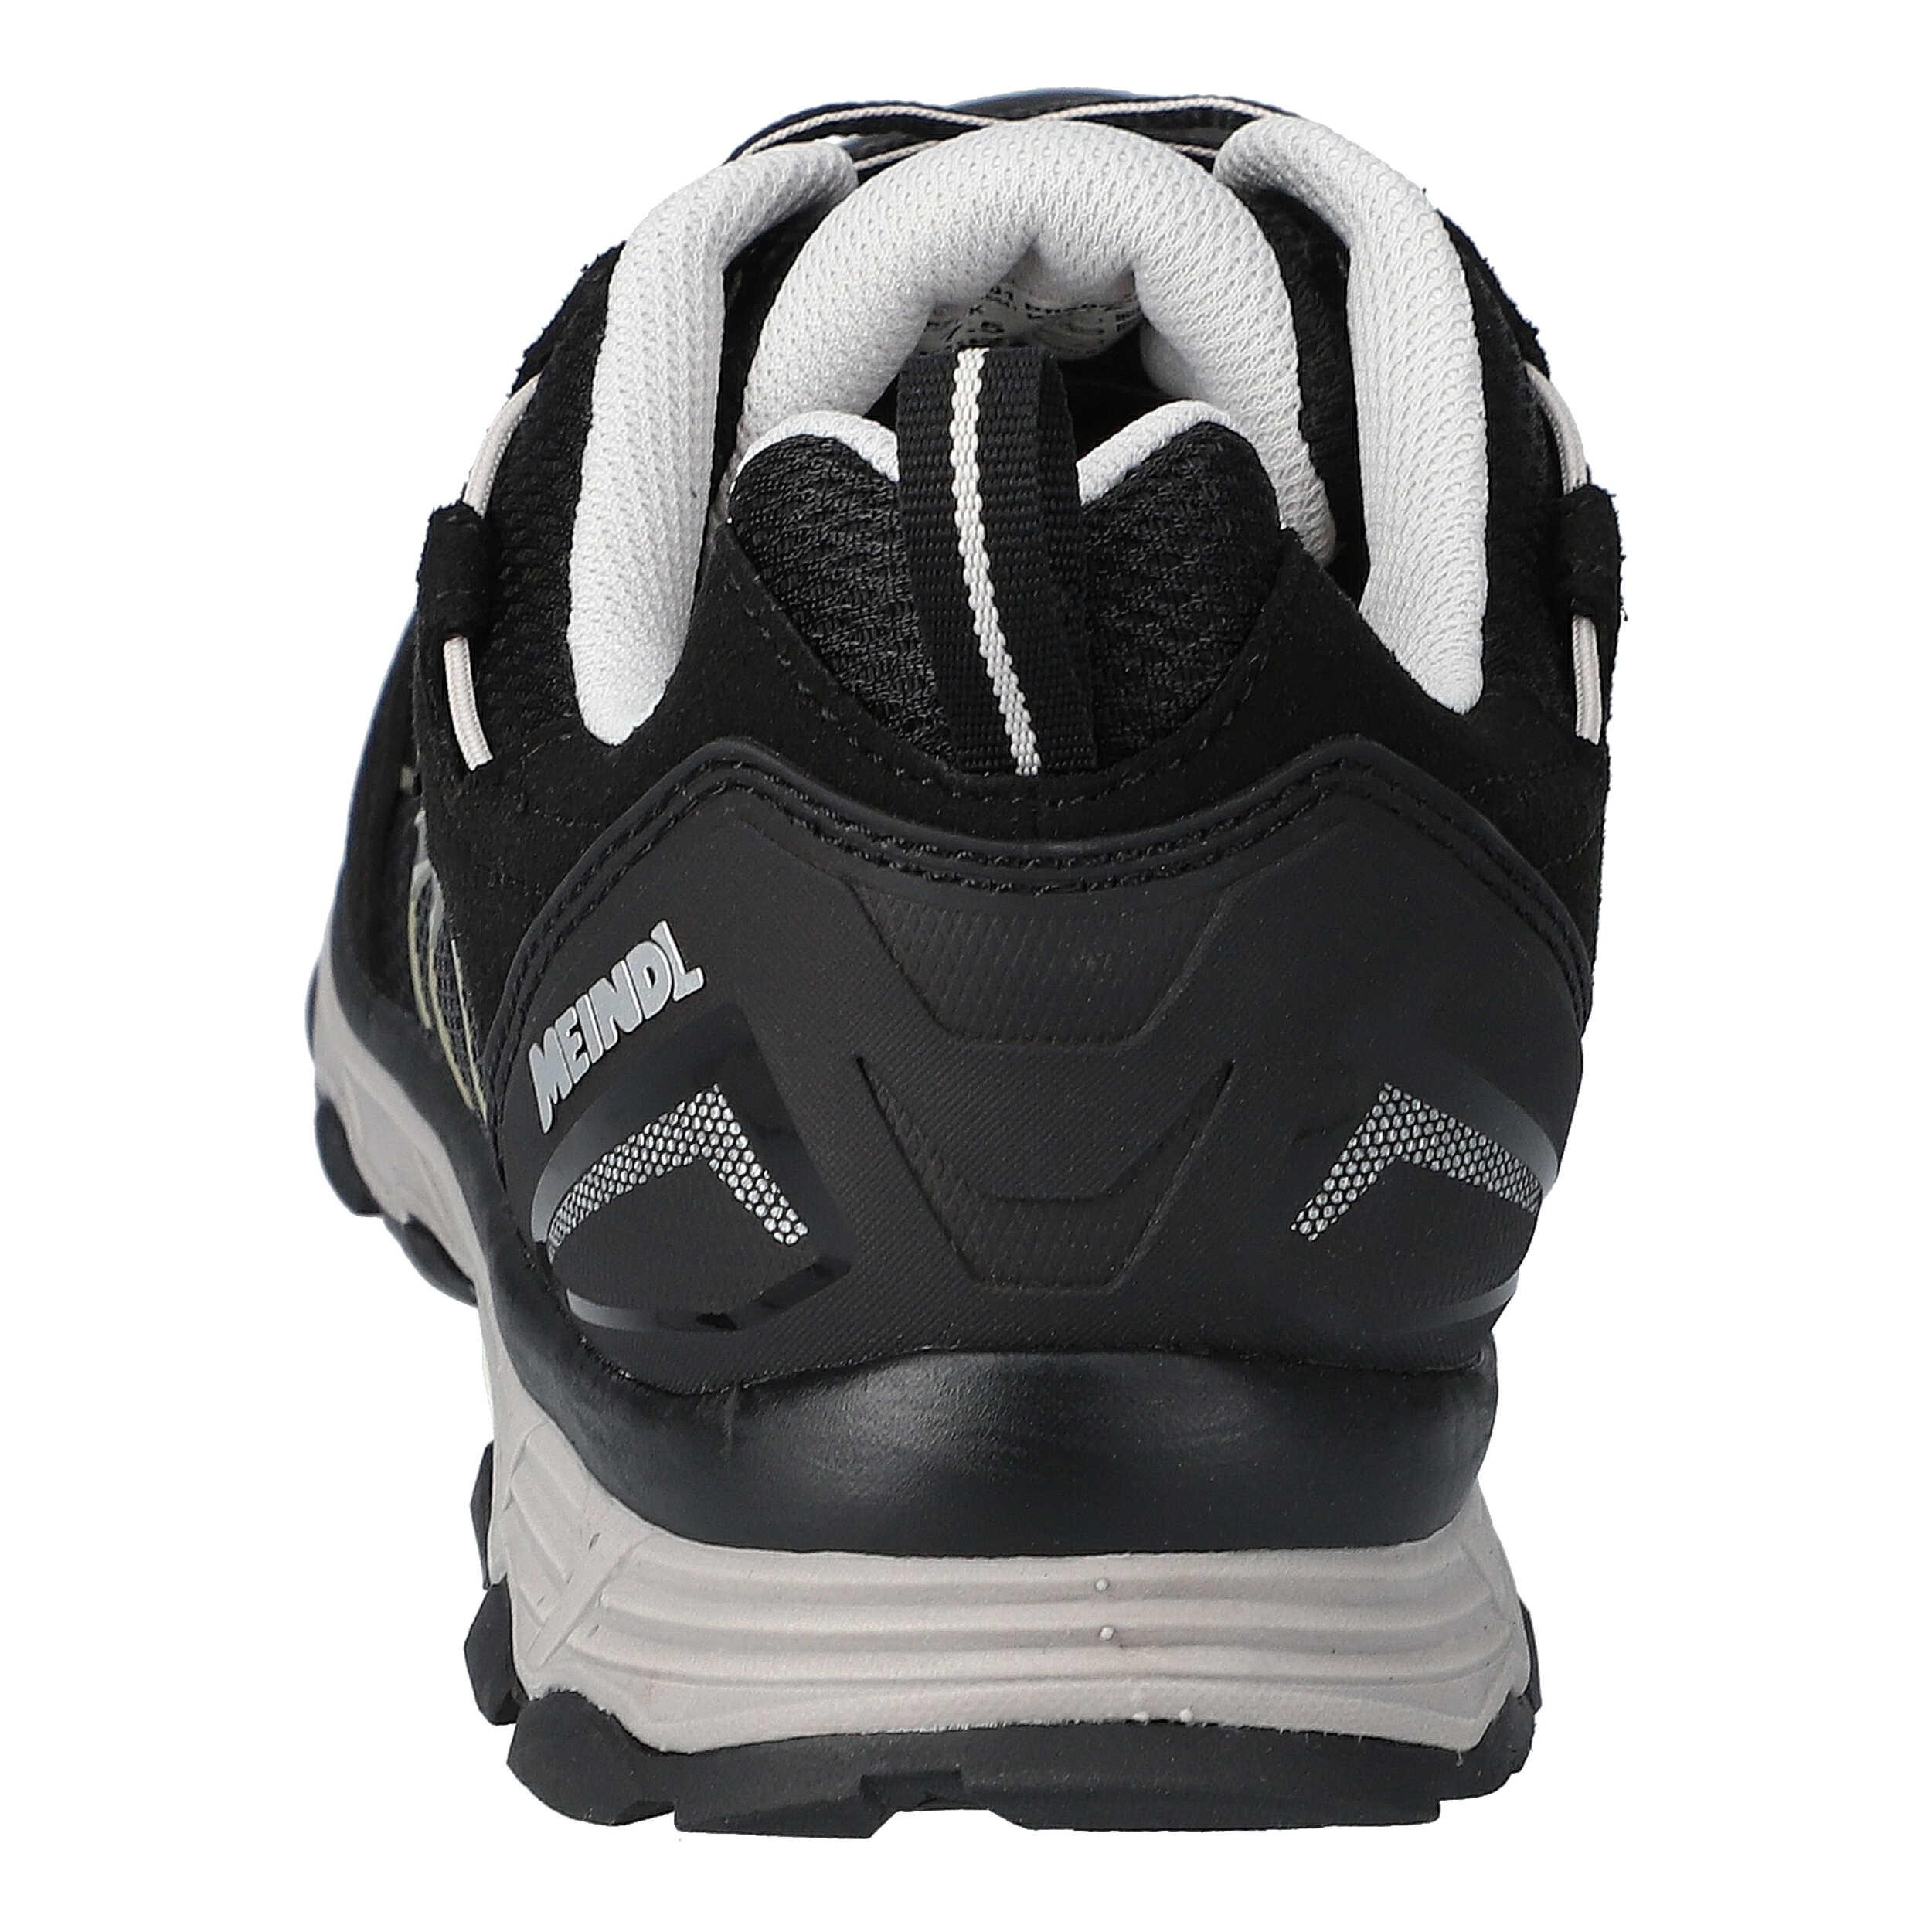 Activo GTX Comfort F